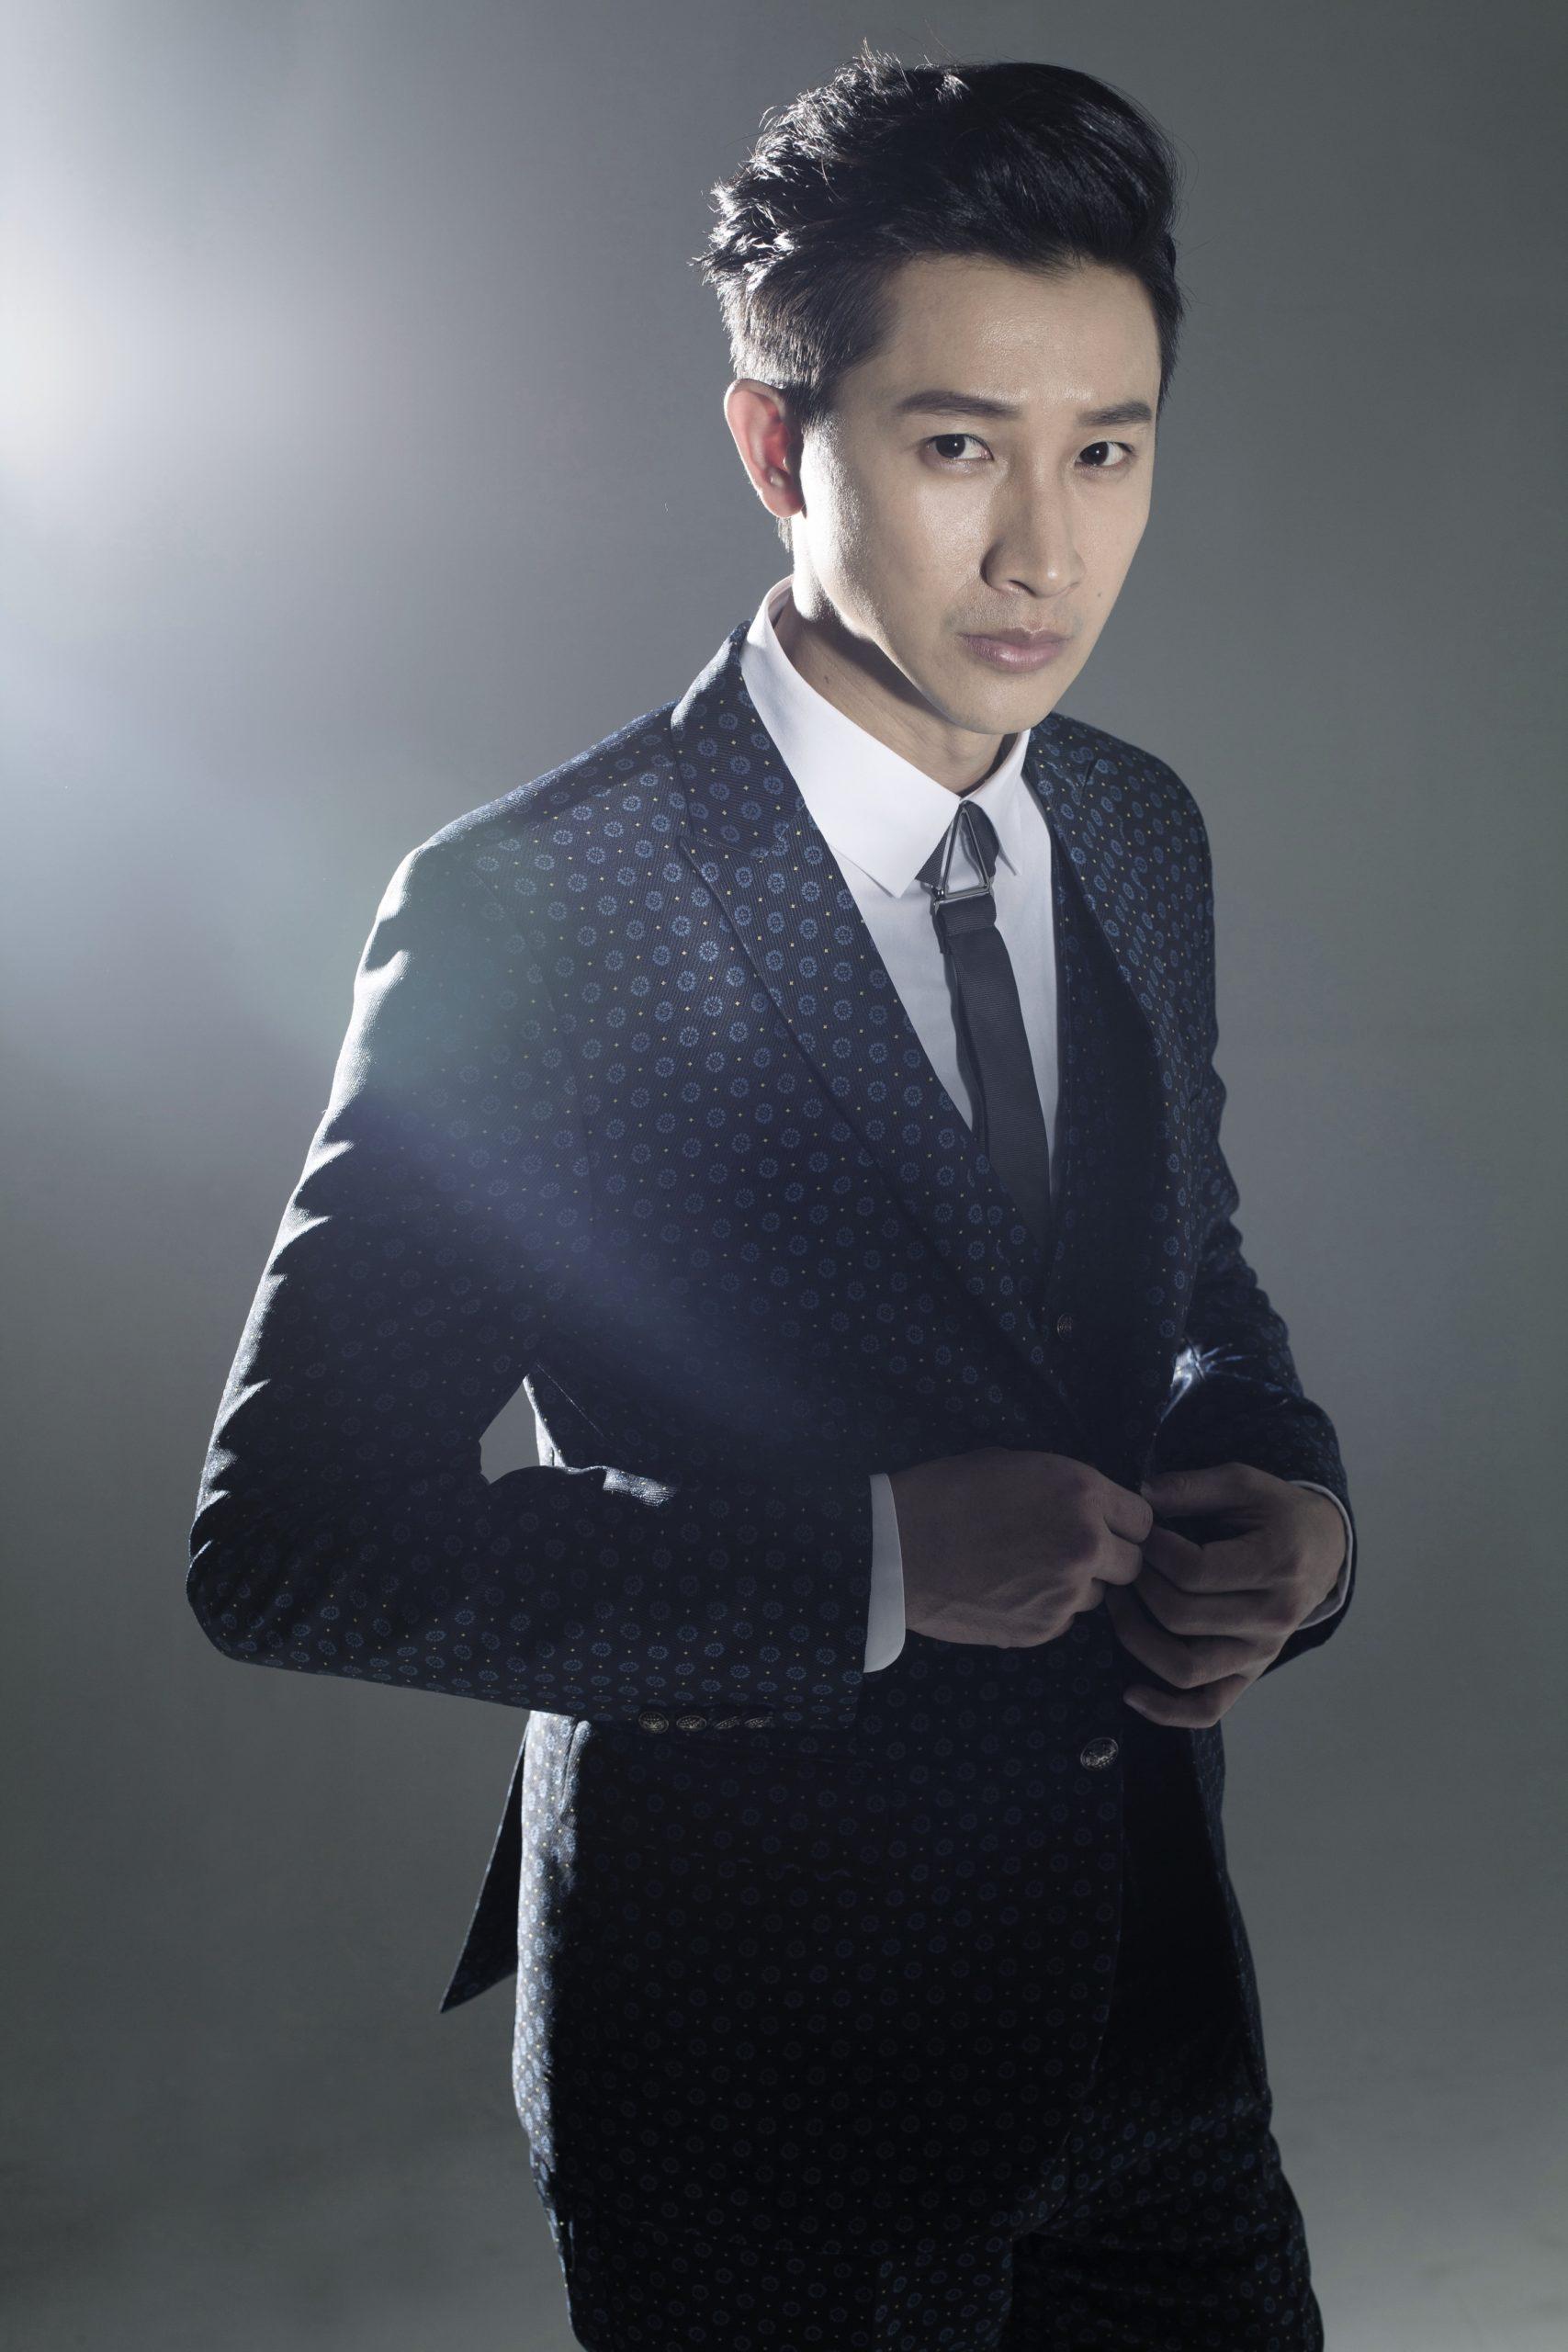 邱凯伟<br/>DARREN CHIU